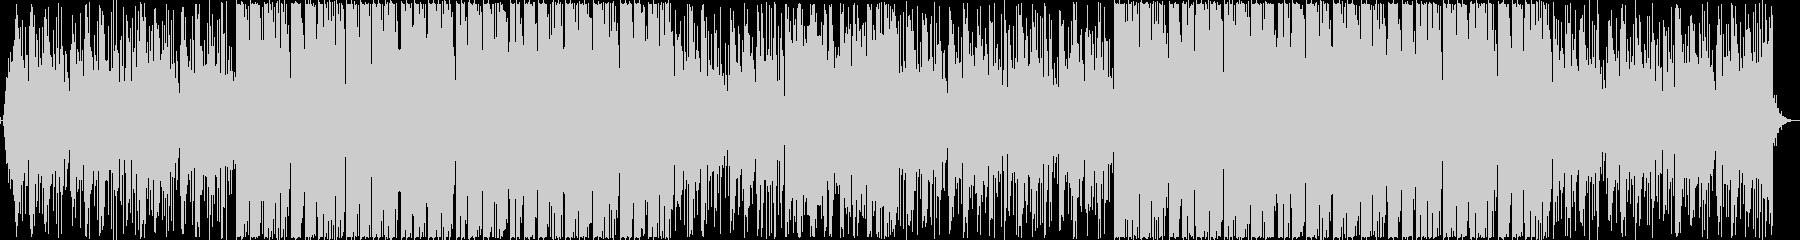 切ないエレクトロBGMの未再生の波形